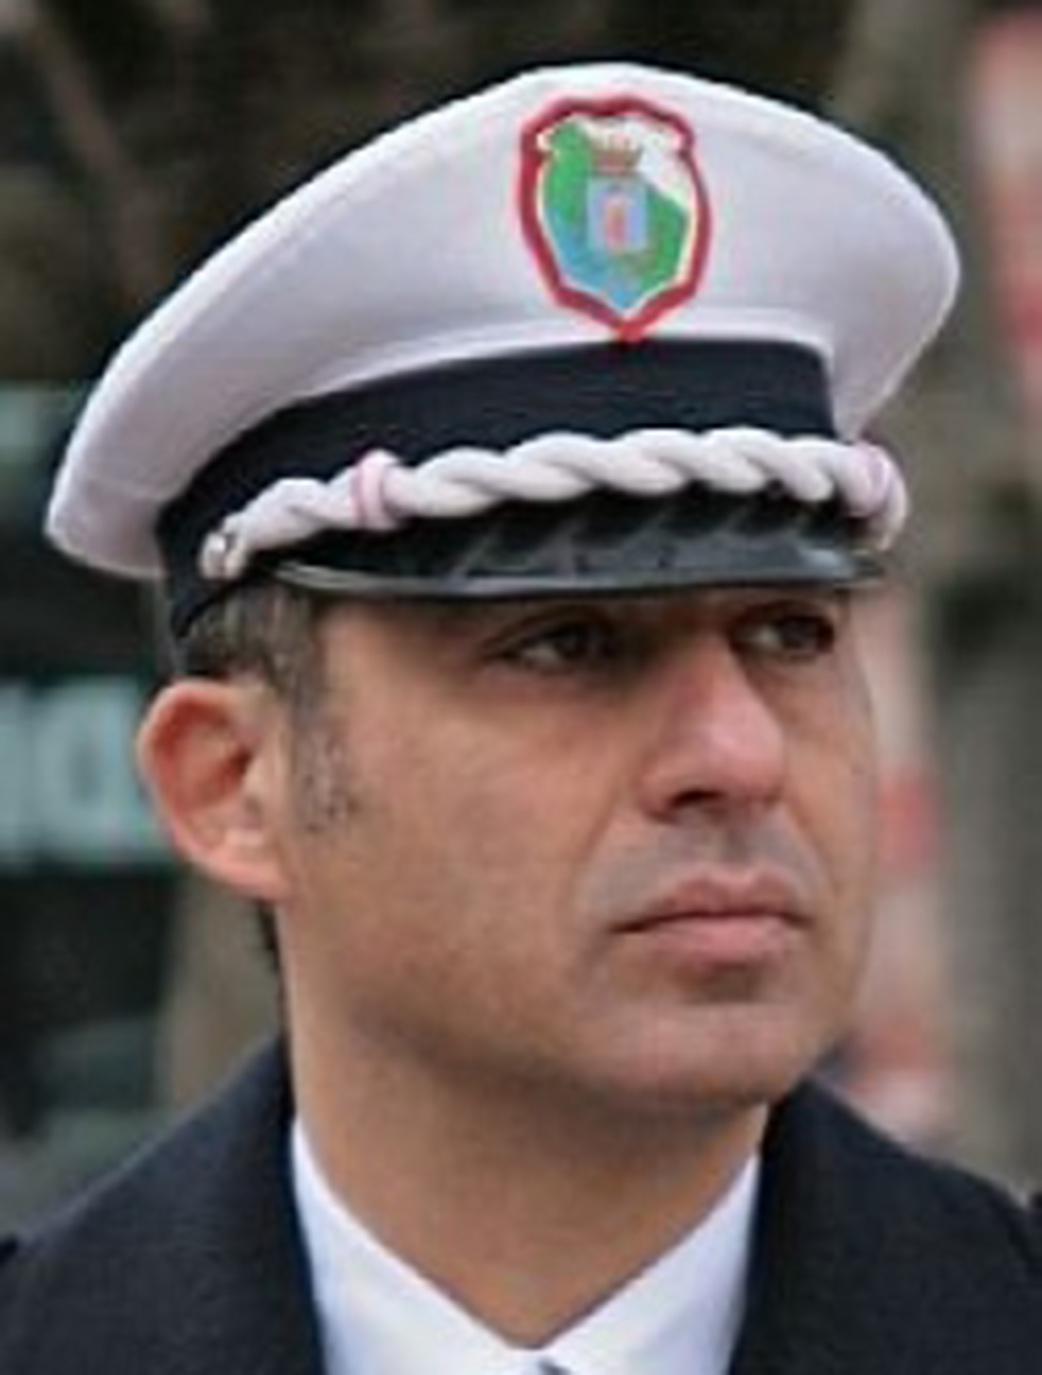 Il comandante Montanari su cottura carne non lontano dalla stazione di Avezzano